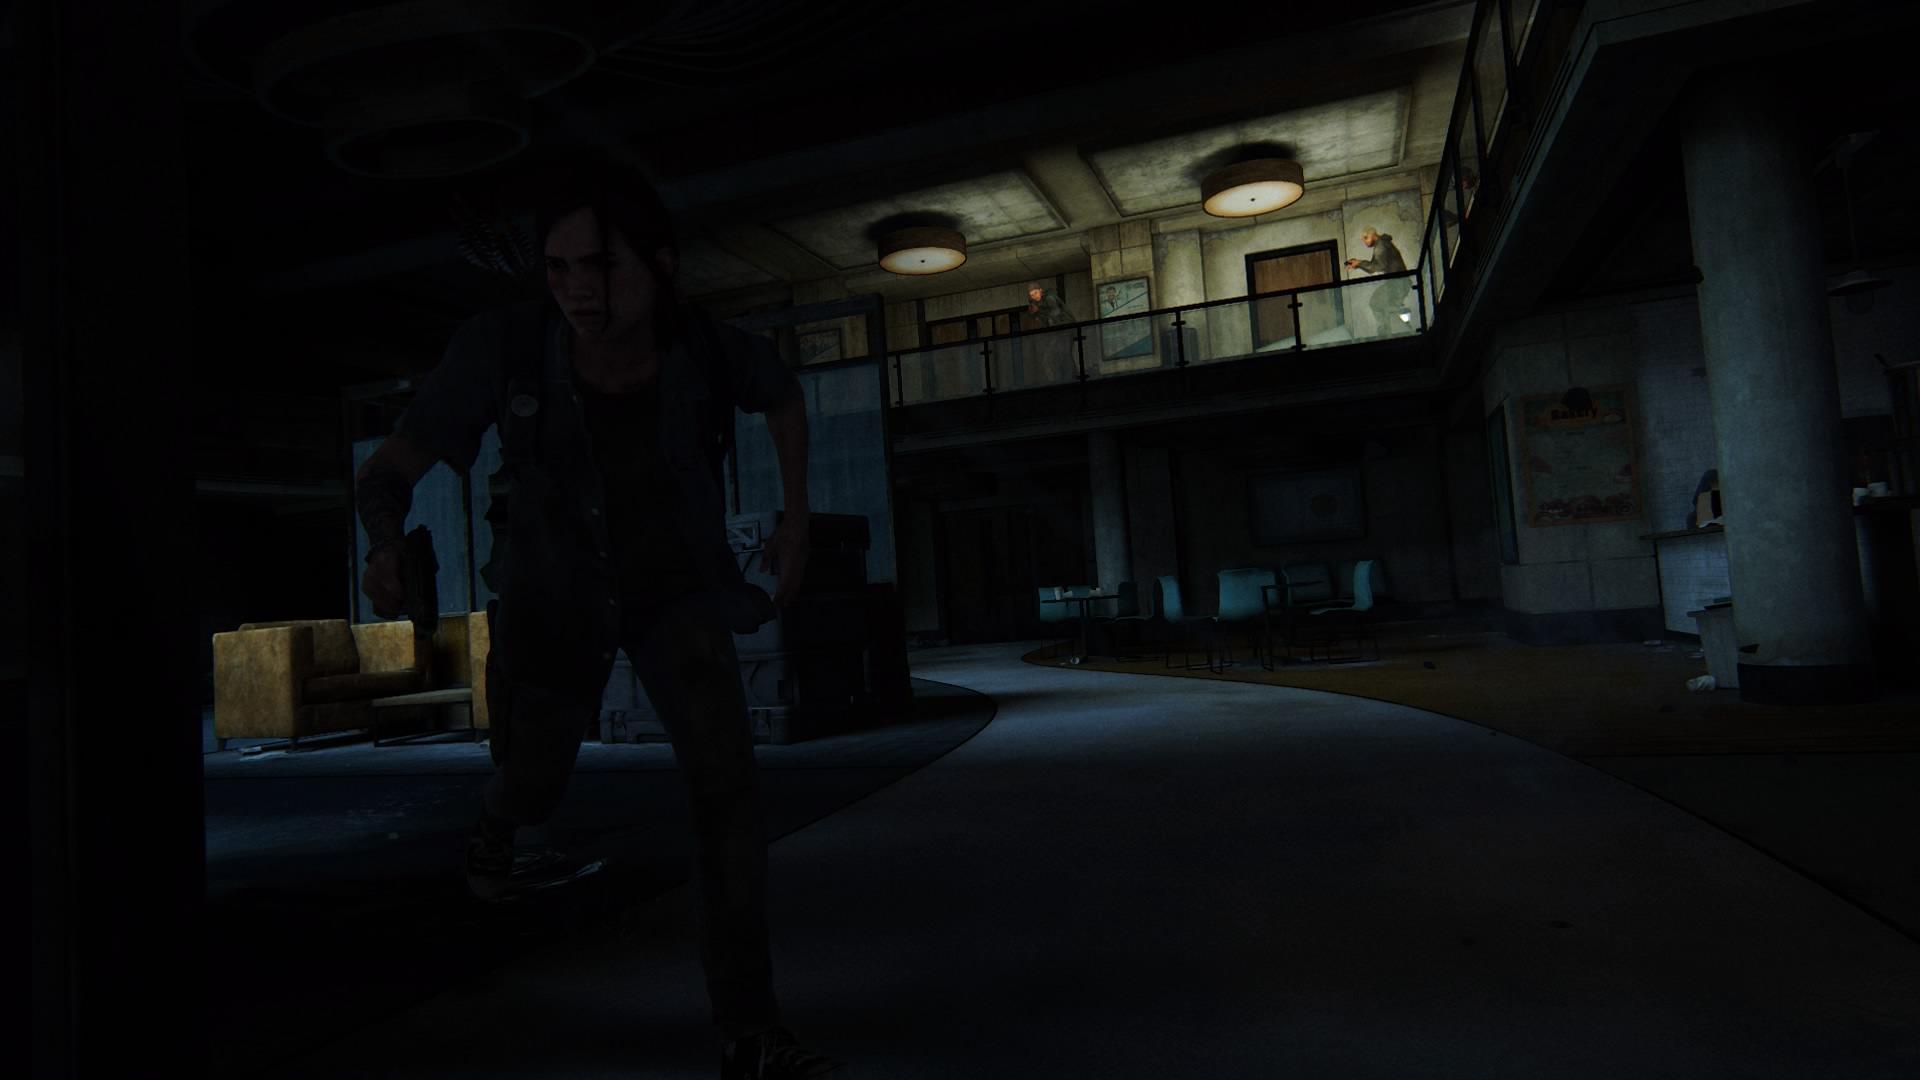 Die Verfolgungsjagd Von Nora Durchs Halbe Krankenhaus Bleibt Nicht Unbemerkt.